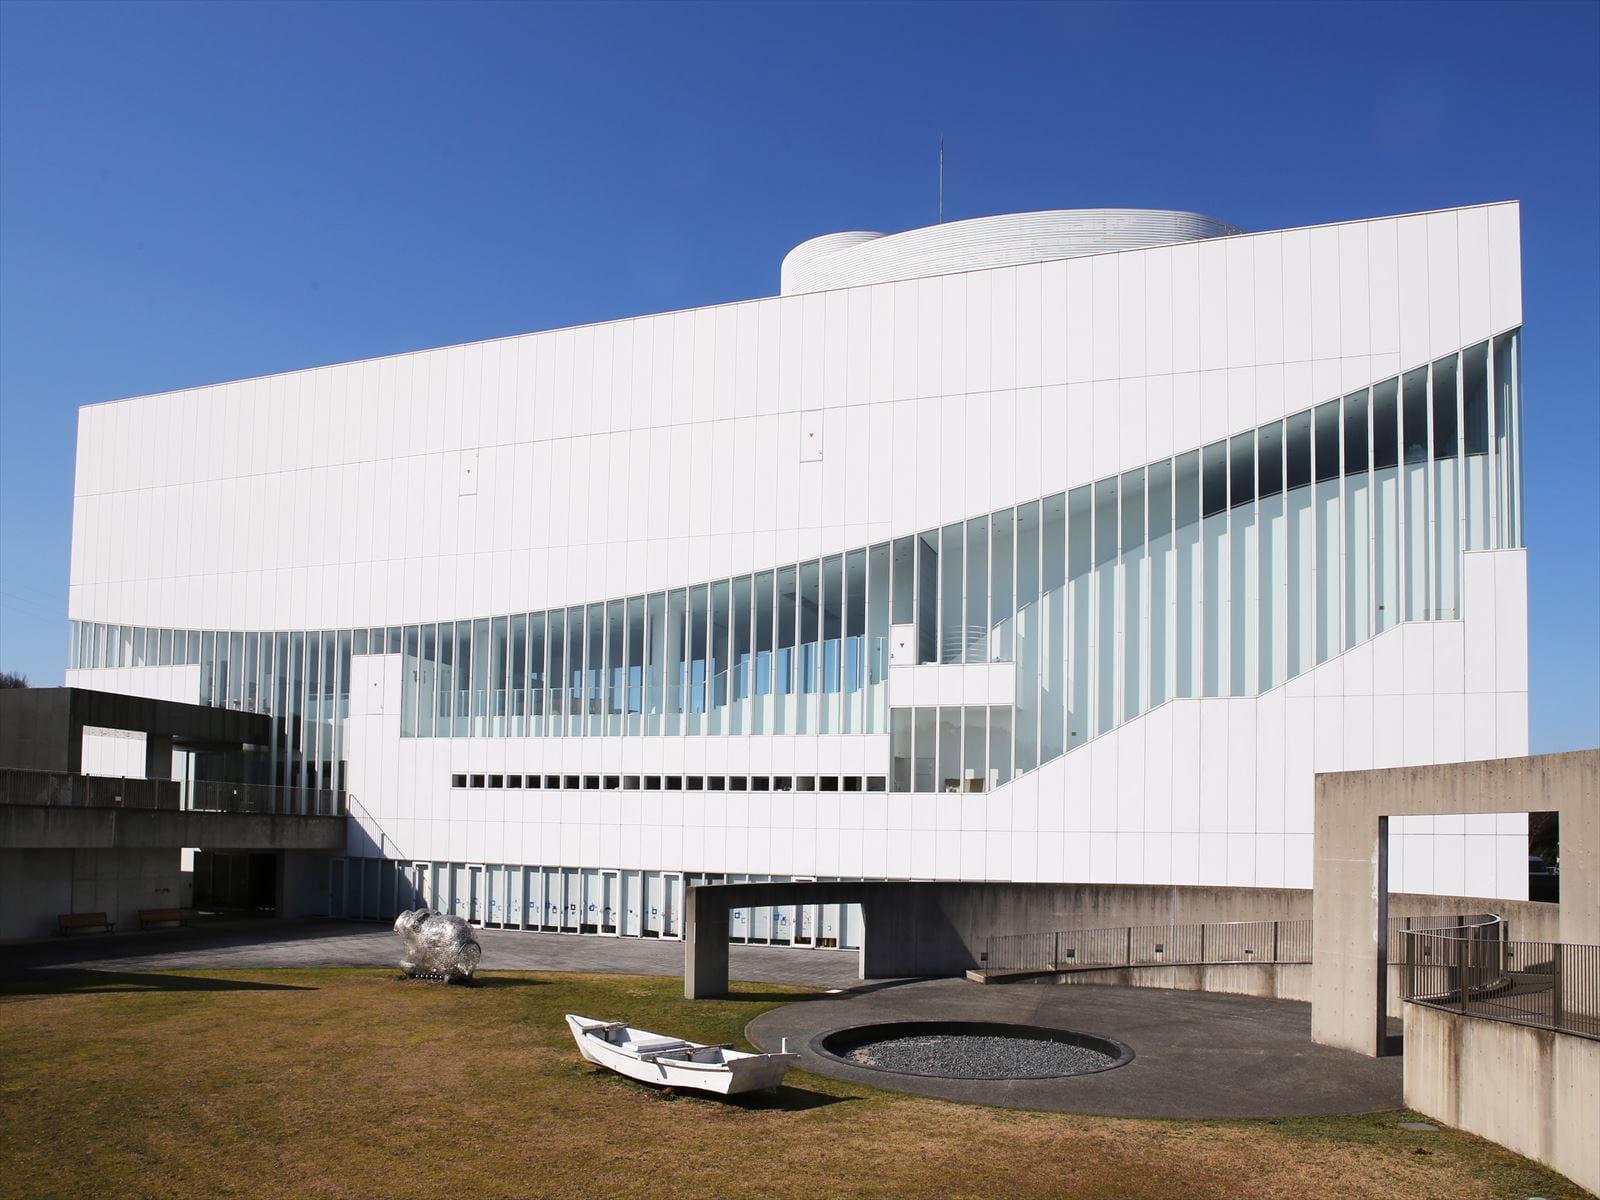 浜田市世界こども美術館へのアクセス